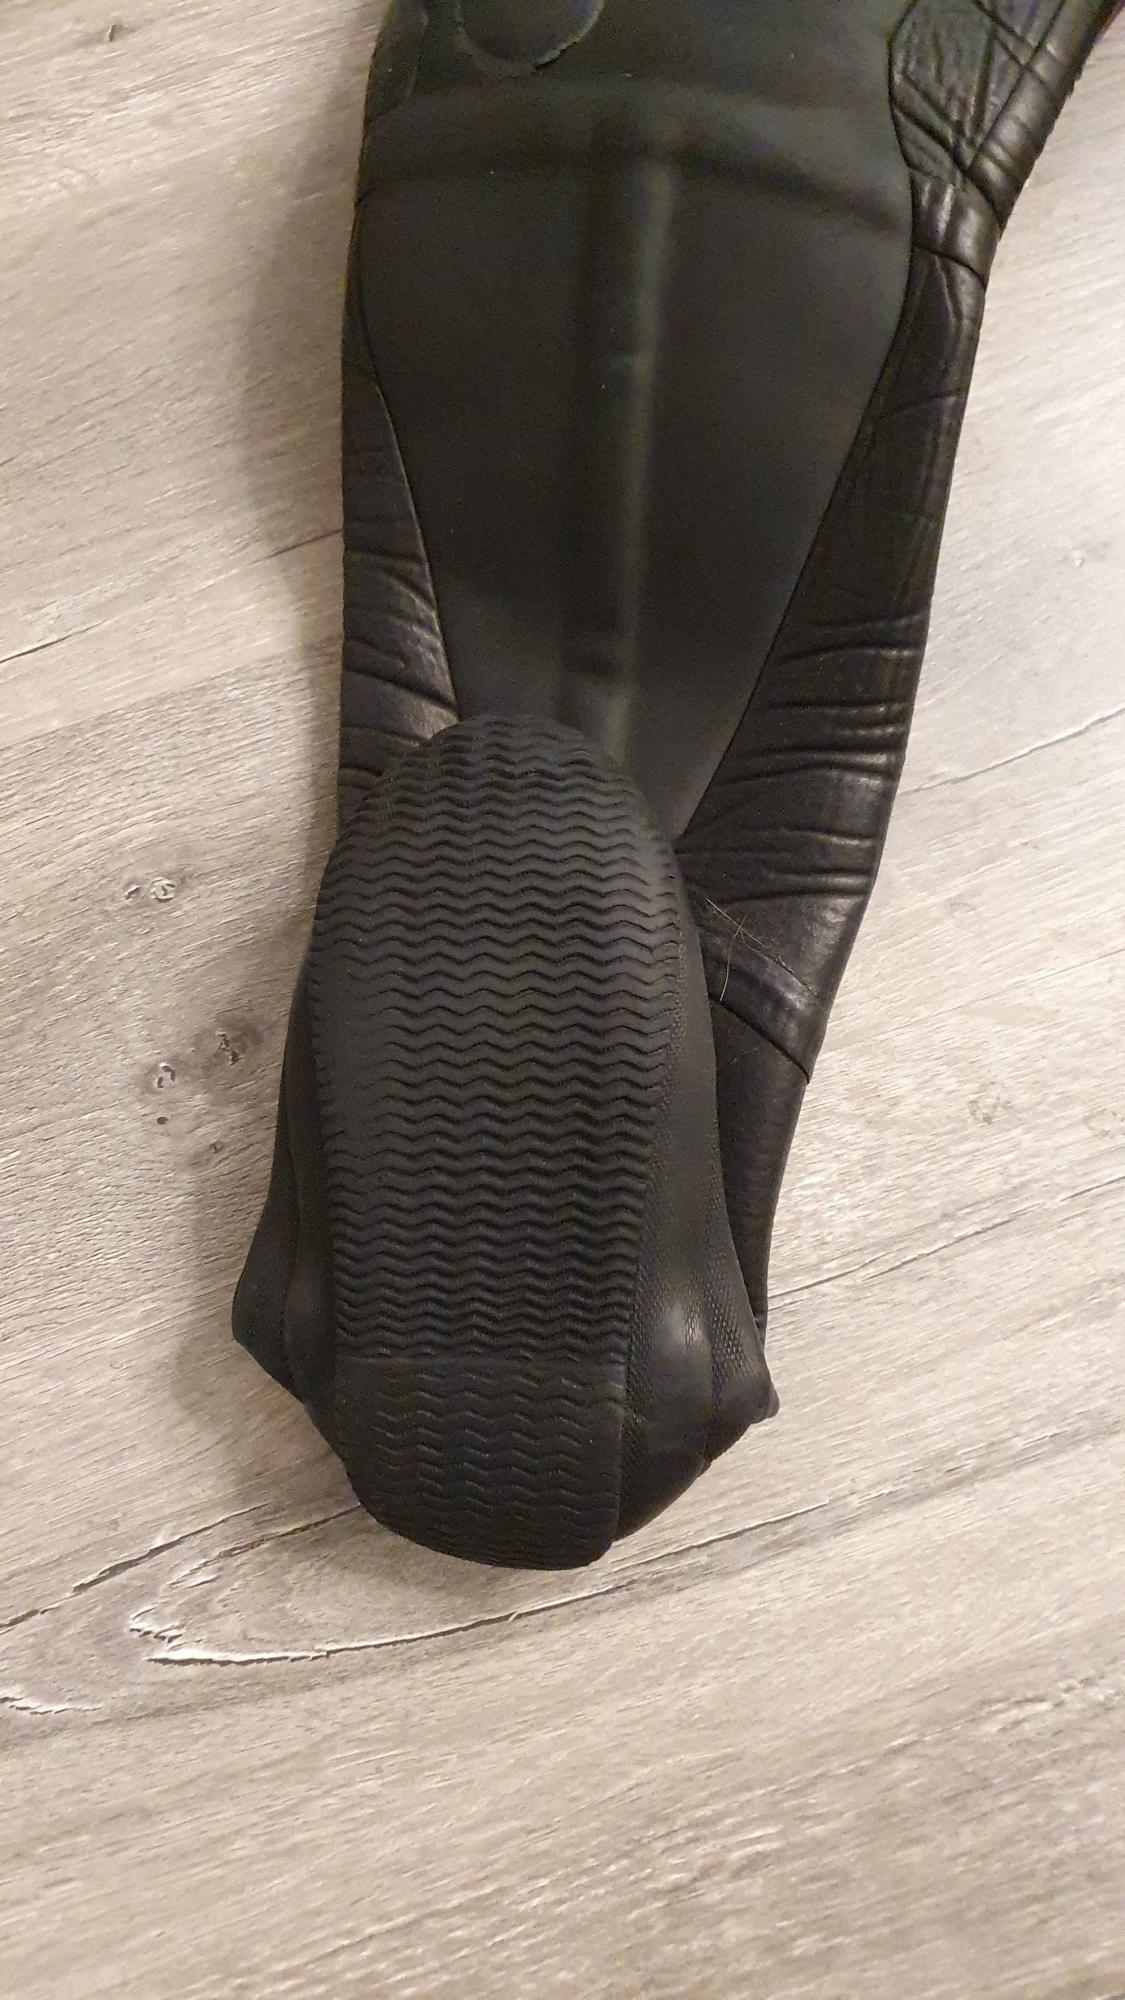 Продам сухой водолазный костюм Zero рост до 180 в Находке